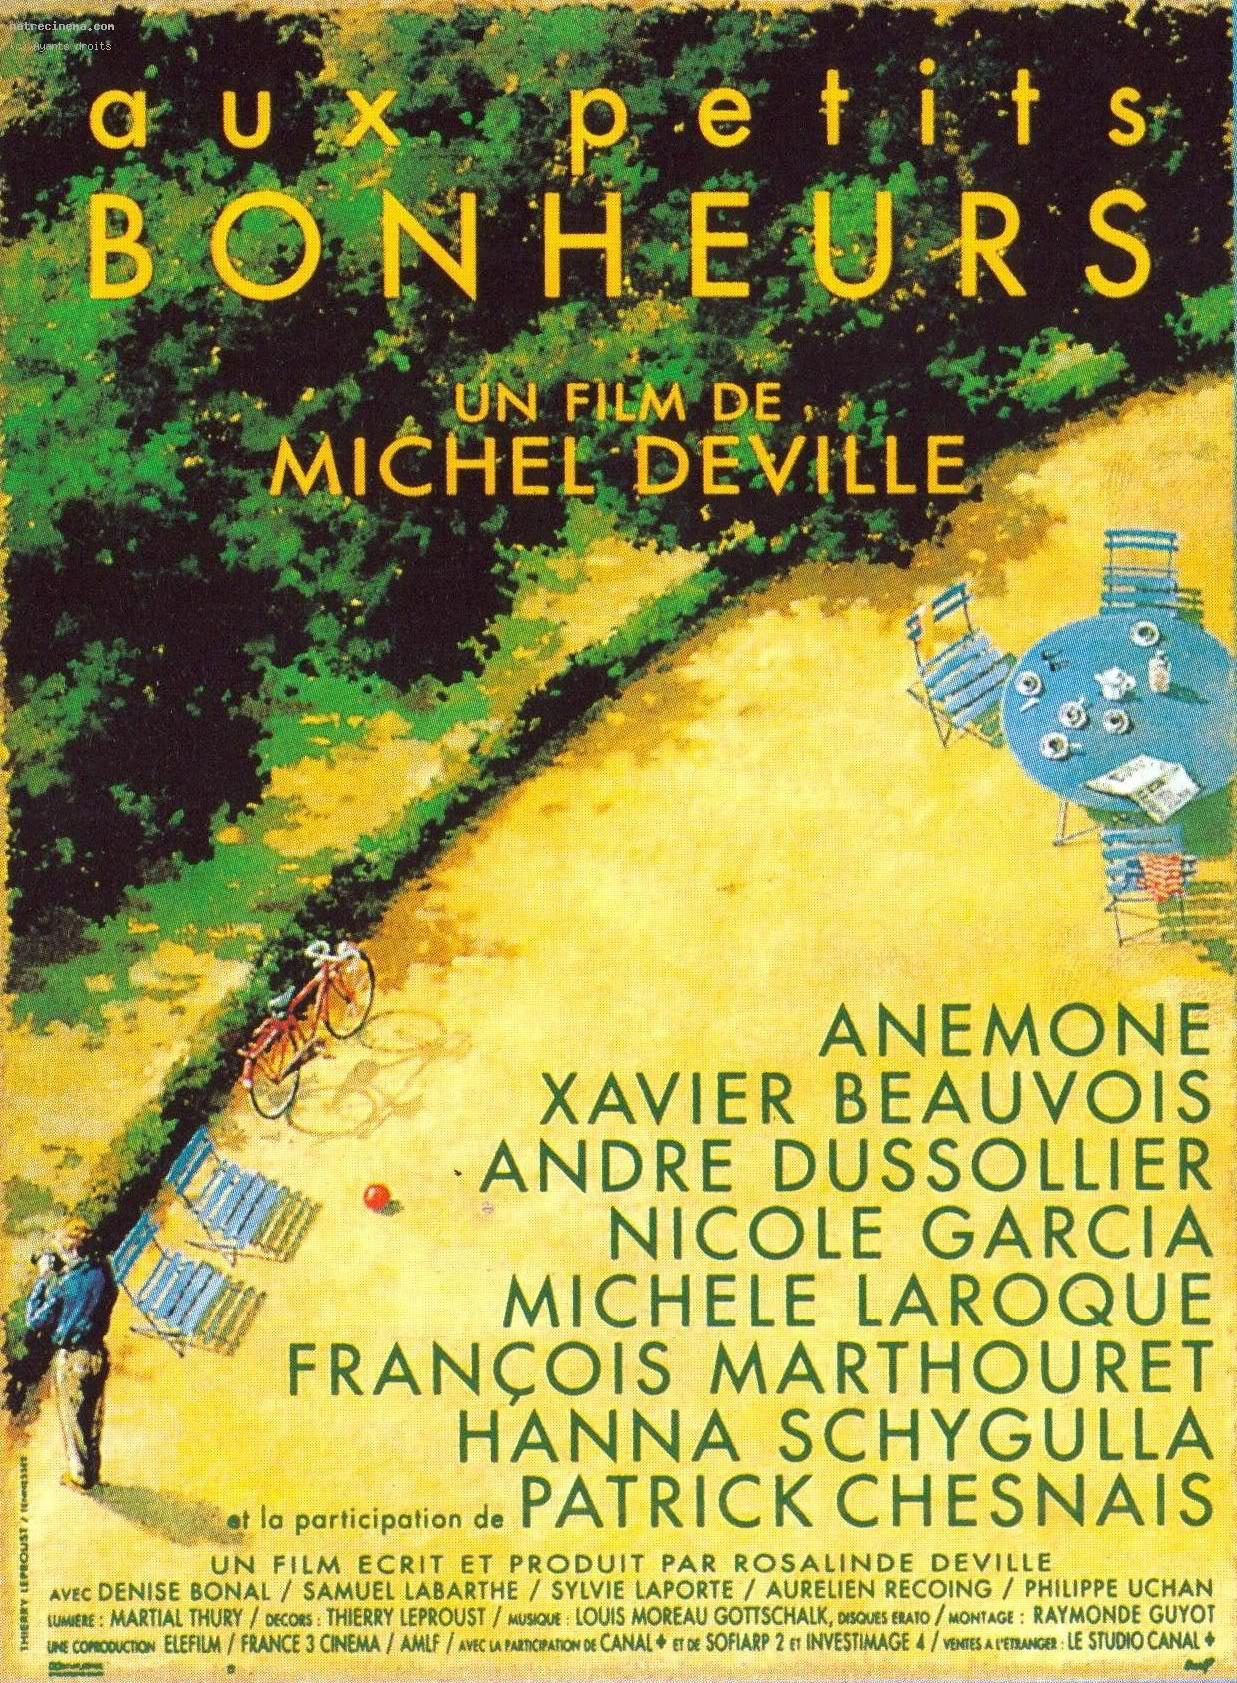 Useri care au în colectie filmul Aux petits bonheurs.